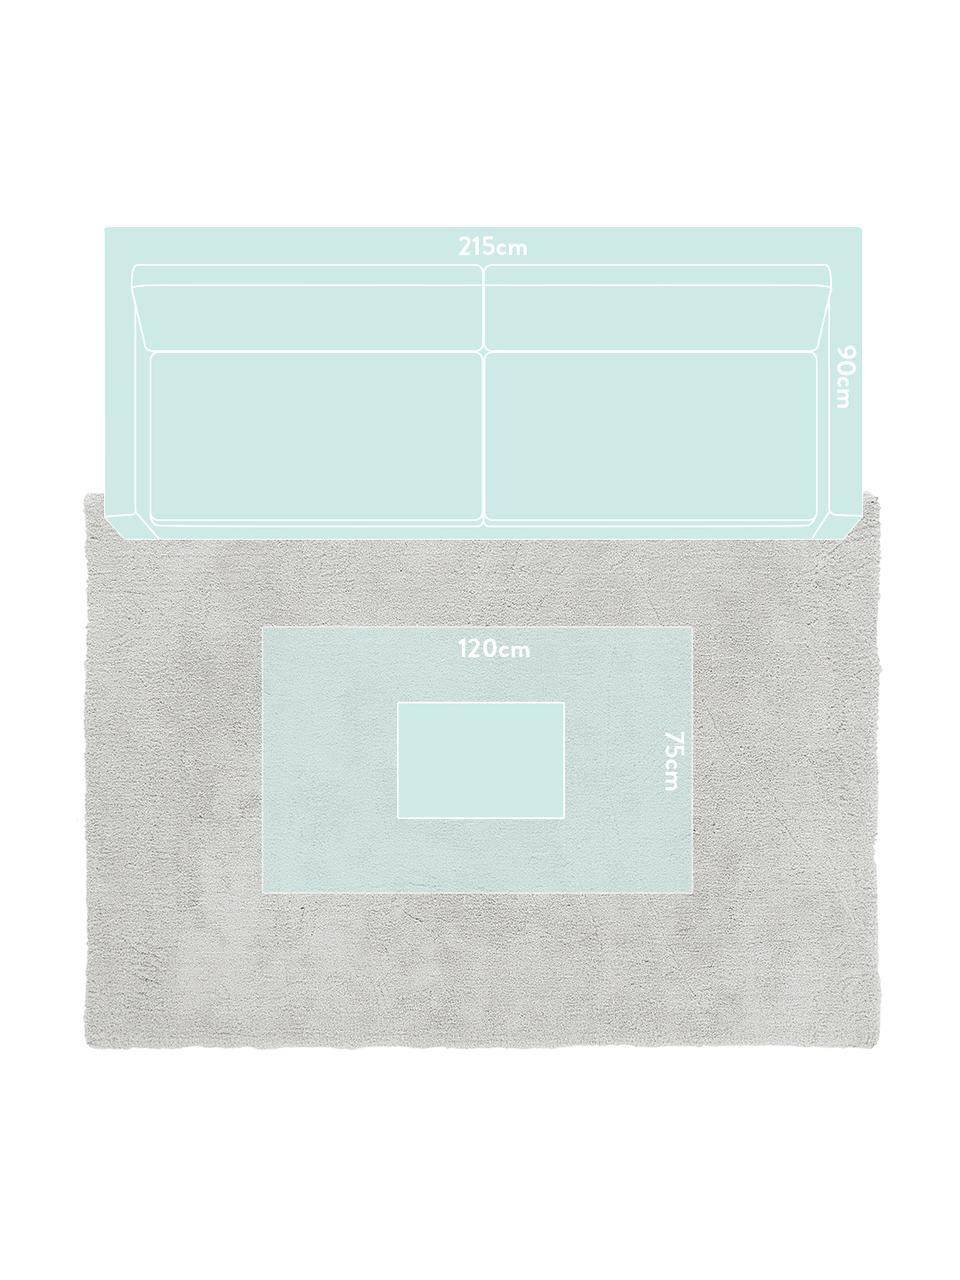 Tappeto peloso morbido grigio chiaro Leighton, Retro: 70% poliestere, 30% coton, Grigio chiaro, Larg. 80 x Lung. 150 cm (taglia XS)